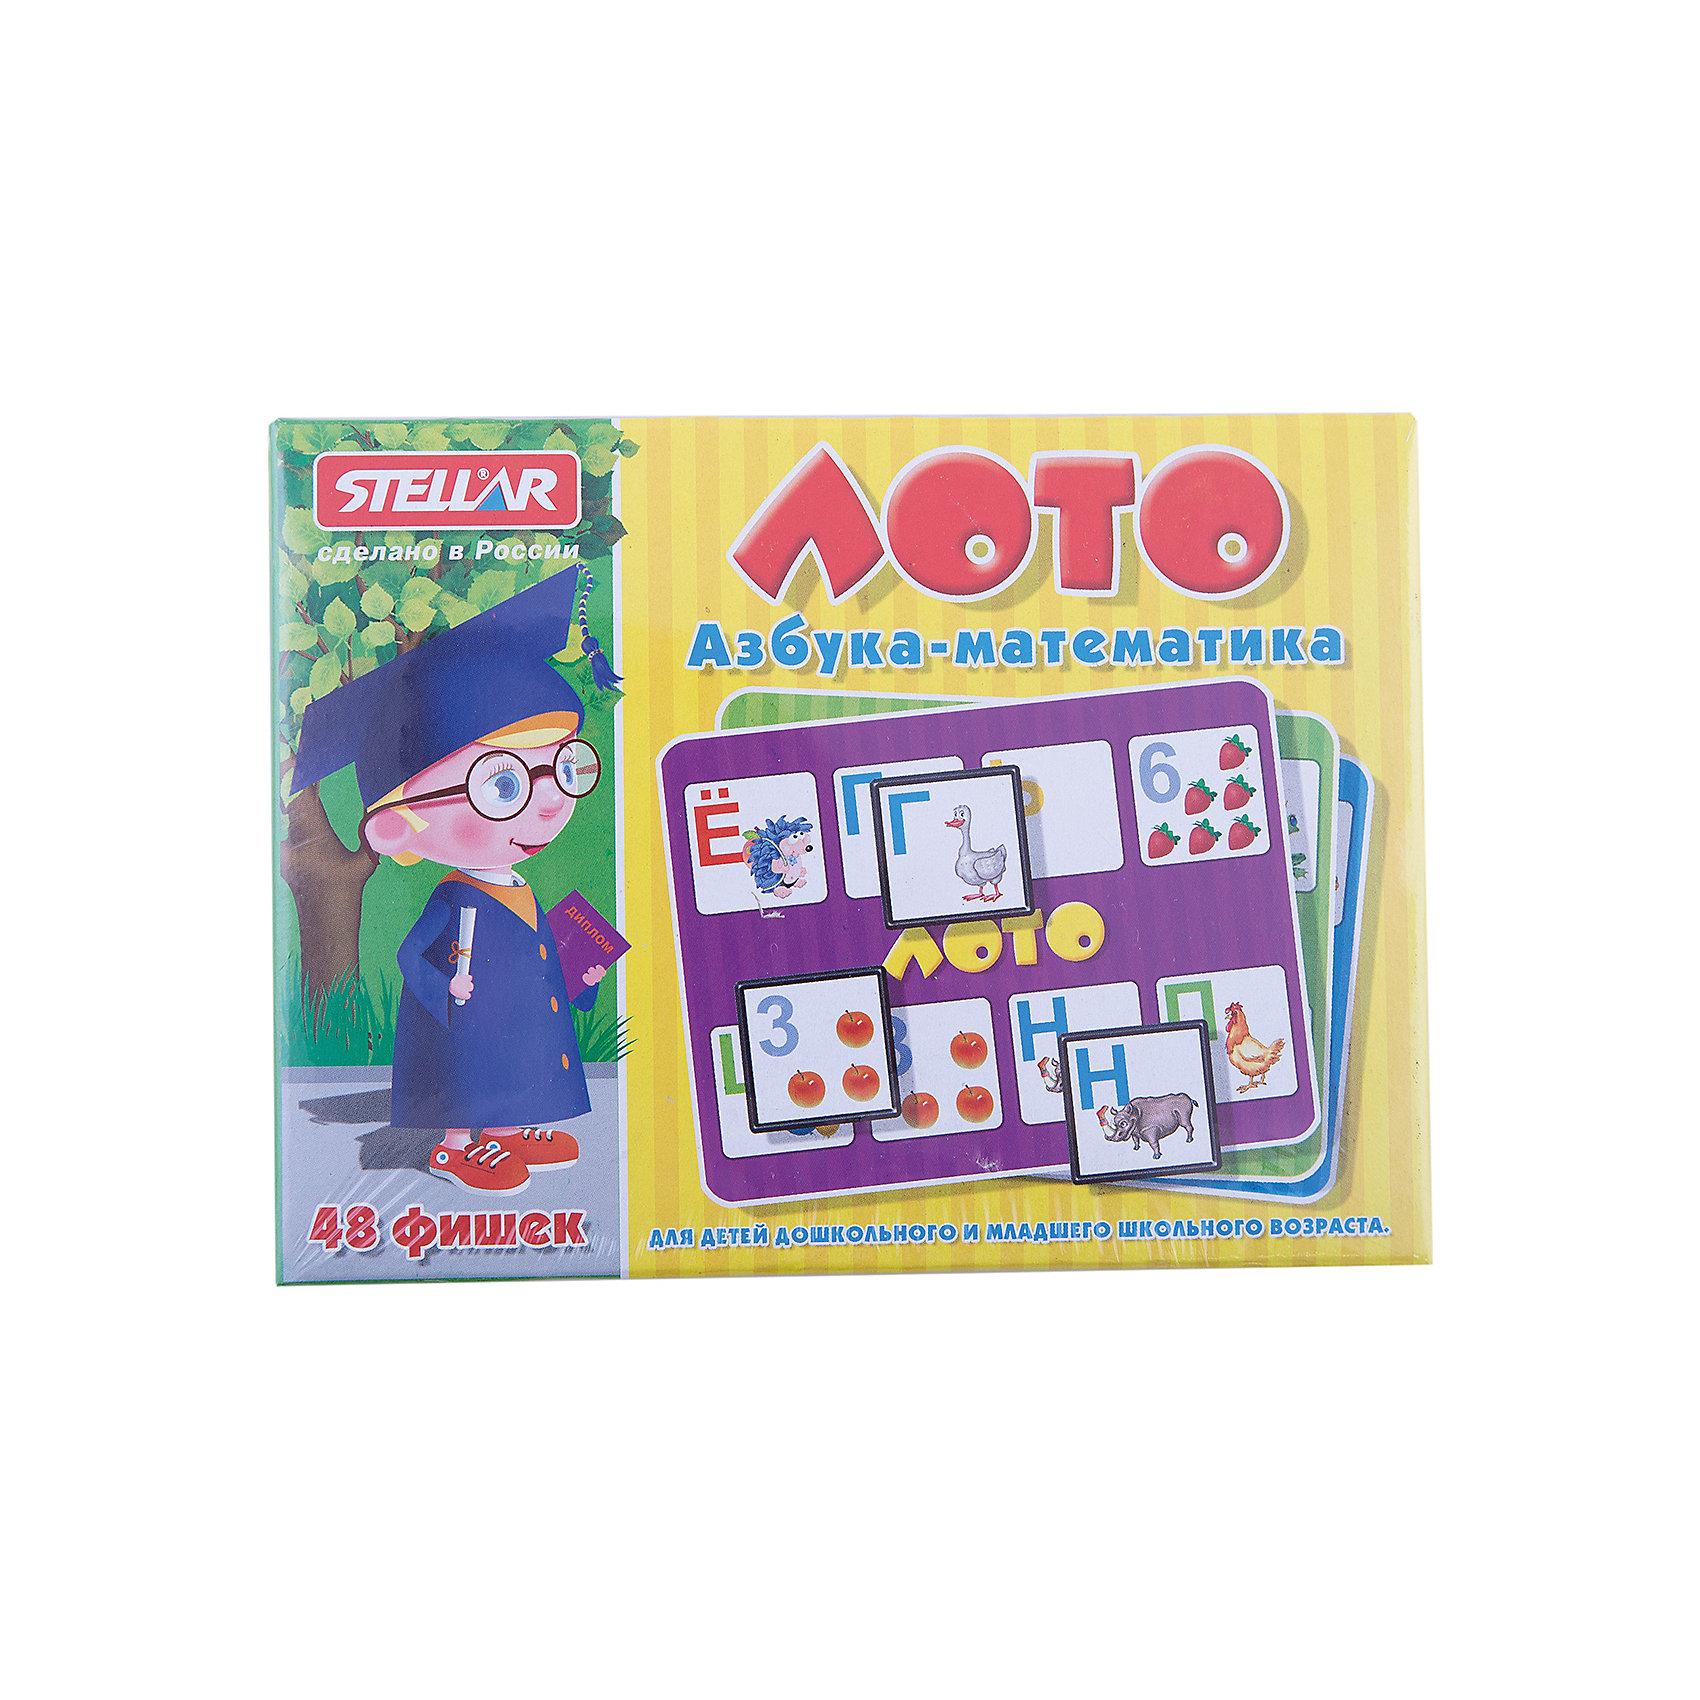 Лото Азбука / Математика, СтелларКлассическая русская игра Лото Азбука / Математика от Стеллар (Stellar). В набор входят 6 карточек, 48 фишек и мешочек. Фишки складываются в мешочек, и ведущий, не глядя, достает фишки по очереди из мешка. Фишками-фигурками необходимо закрыть соответствующие поля на карточке. Побеждает тот, кто первым заполнил всю карточку.<br><br>На карточках и фишках изображены буквы (азбука),  цифры и математические знаки. Рядом с каждой буквой изображено слово, которое с этой буквы начинается. При написании согласные и гласные буквы различаются цветом. На фишках с цифрами нарисовано соответствующее количество предметов (фрукты и ягоды), а так же знаки сложение, вычитание, равно, деление и умножение.  <br><br>Лото Стеллар Азбука / Математика прекрасно тренирует память, внимание и мелкую моторику рук.<br><br>Игра в Лото — прекрасный вариант проведения семейного досуга.<br><br>Дополнительная информация:<br><br>- В комплекте: 6 карточек, 48 фишек, мешочек<br>- Материал: пластмасса, картон<br>- Размер упаковки: 165 х 125 х 40 мм<br>- Вес: 230 г.<br><br>Лото Азбука / Математика от Стеллар (Stellar) можно купить в нашем интернет-магазине.<br><br>Ширина мм: 165<br>Глубина мм: 125<br>Высота мм: 40<br>Вес г: 230<br>Возраст от месяцев: 36<br>Возраст до месяцев: 1188<br>Пол: Унисекс<br>Возраст: Детский<br>SKU: 2407069